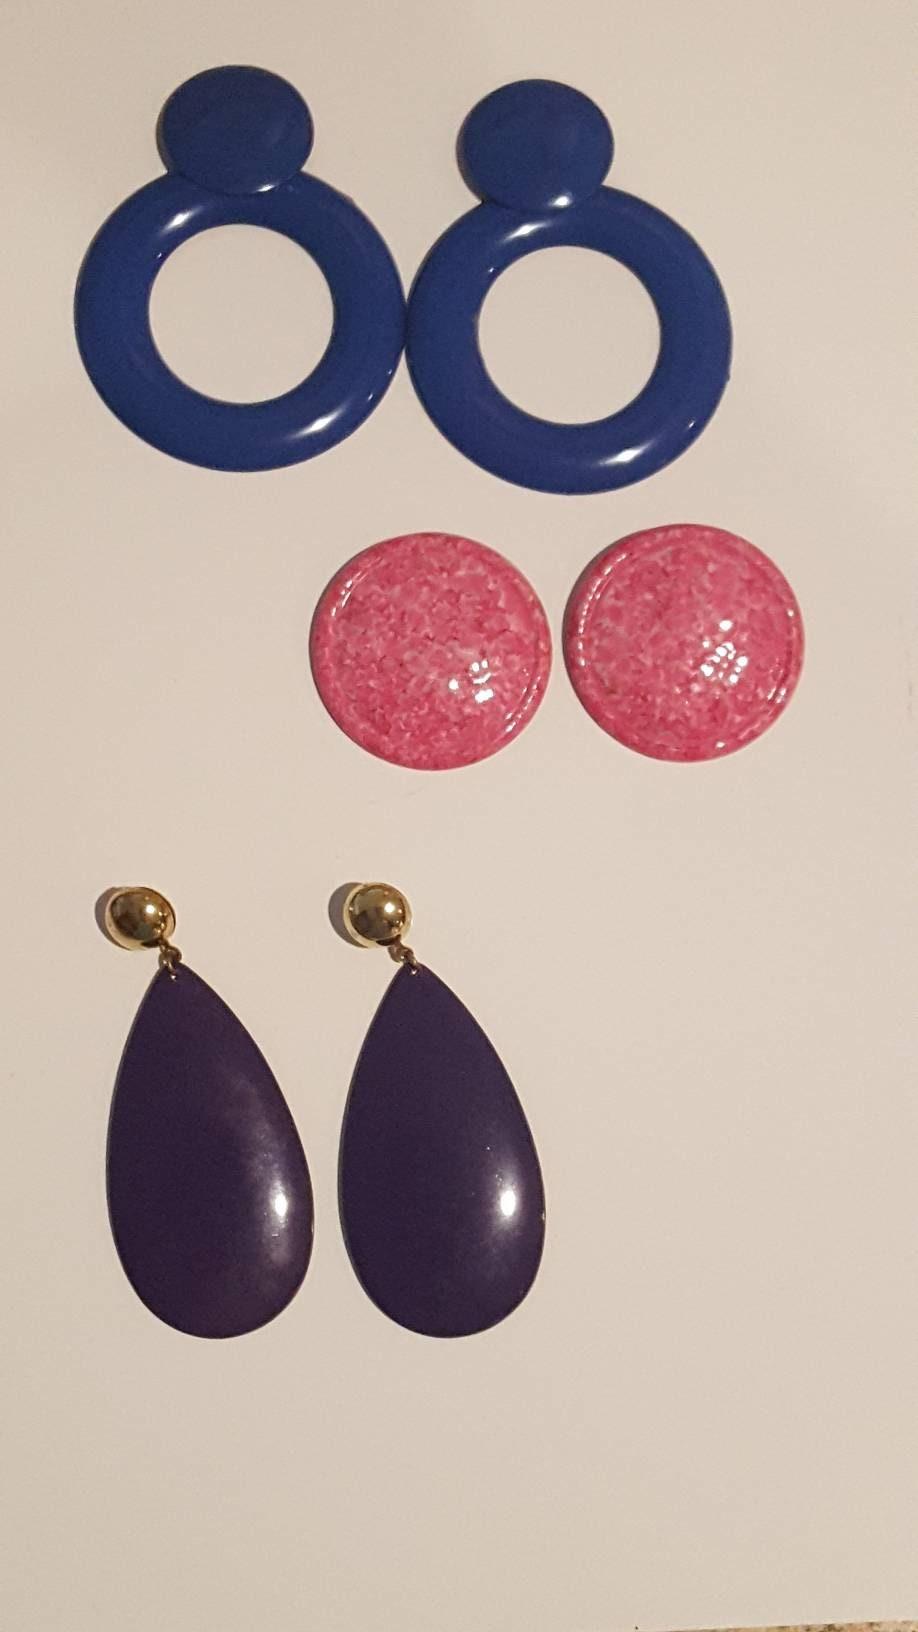 Vintage Earrings / Set of 3 Pairs / Blue / Pink / Purple / Vintage Jewelry  / Dangle / Hoop / Round Jewelry